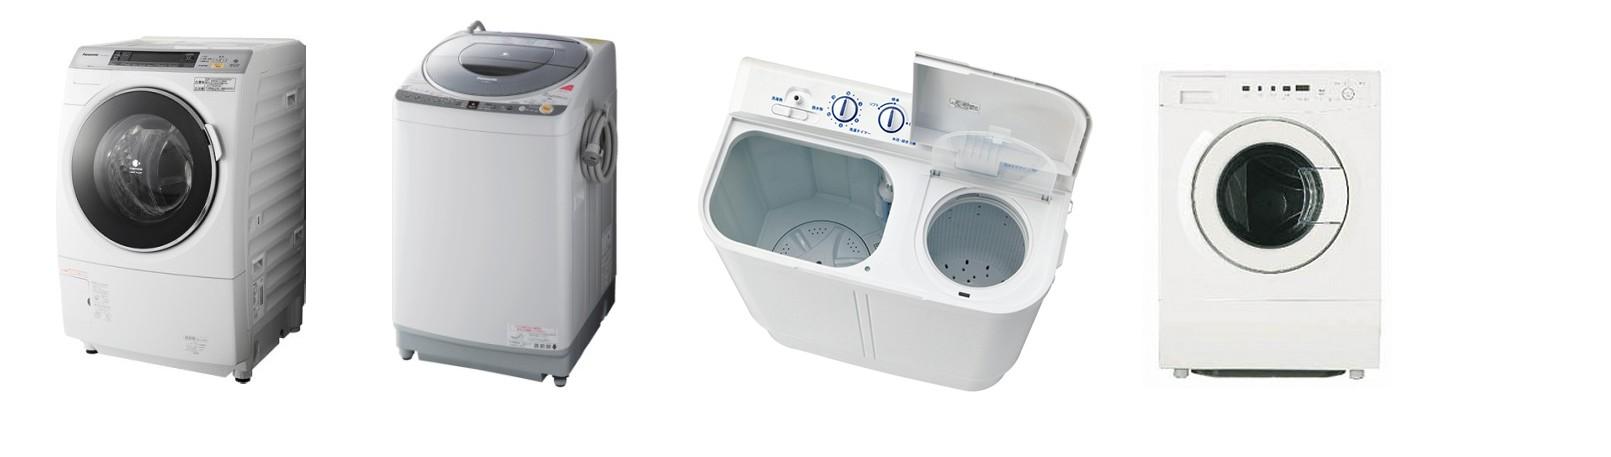 八千代市で、洗濯機を処分するには?洗濯機の廃棄方法 引き取りと回収なら片付けセンターまで。